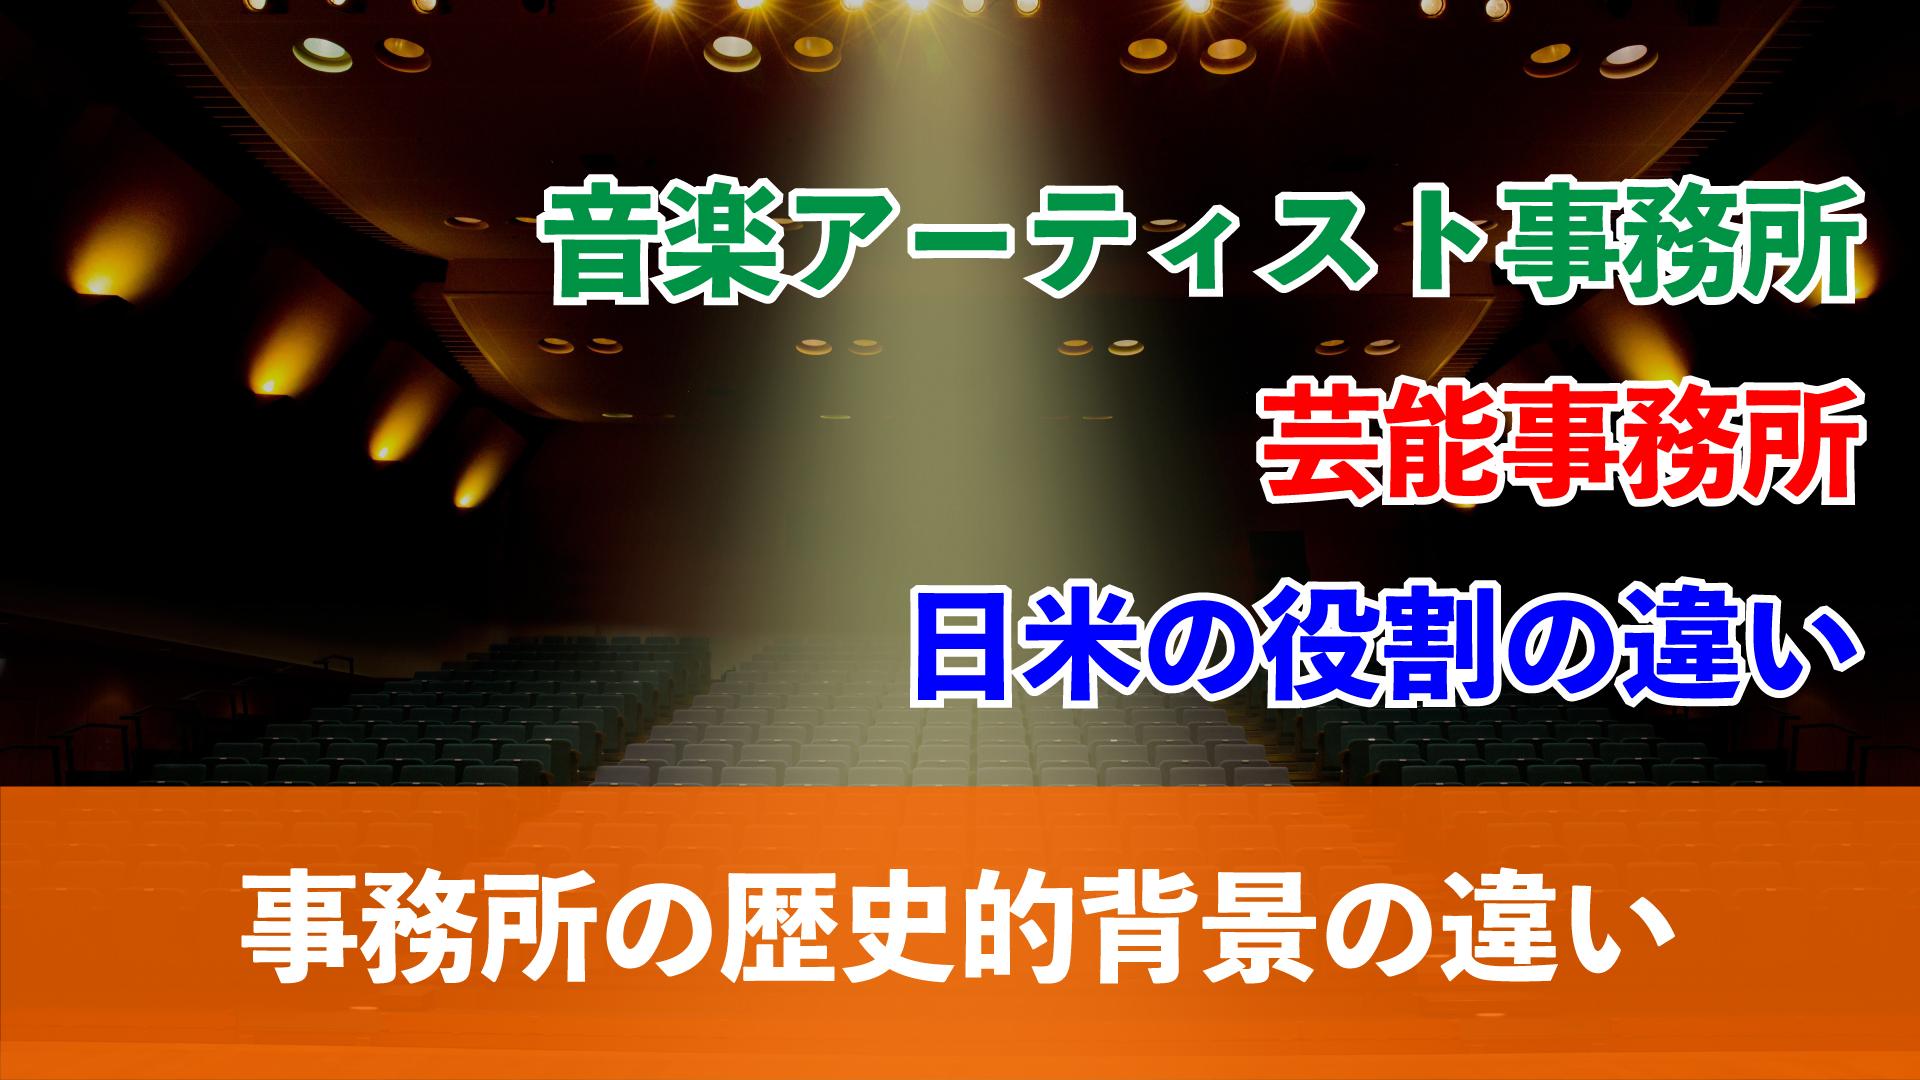 日米の違いと歴史的背景からみる【音楽アーティスト事務所の役割】_アイキャッチ